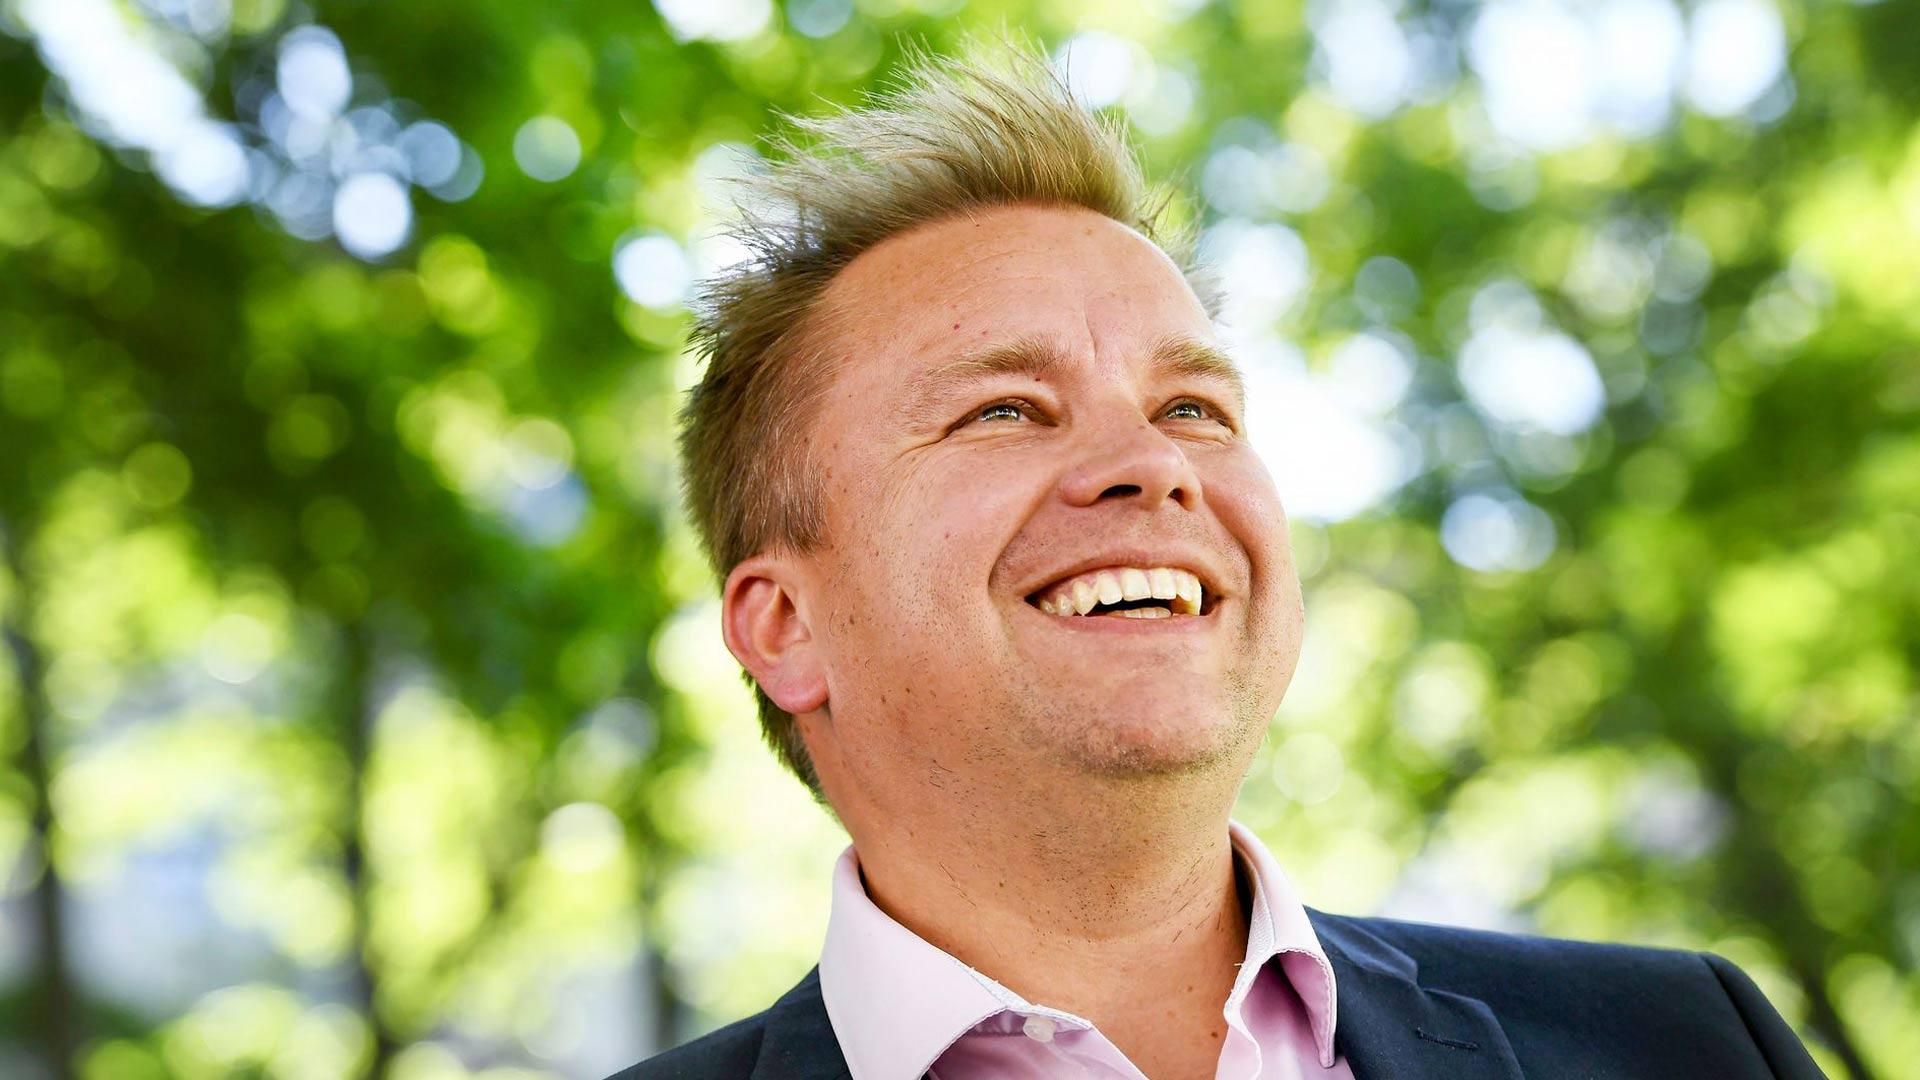 Puolustusministeri Antti Kaikkonen ja vauvatalkoot